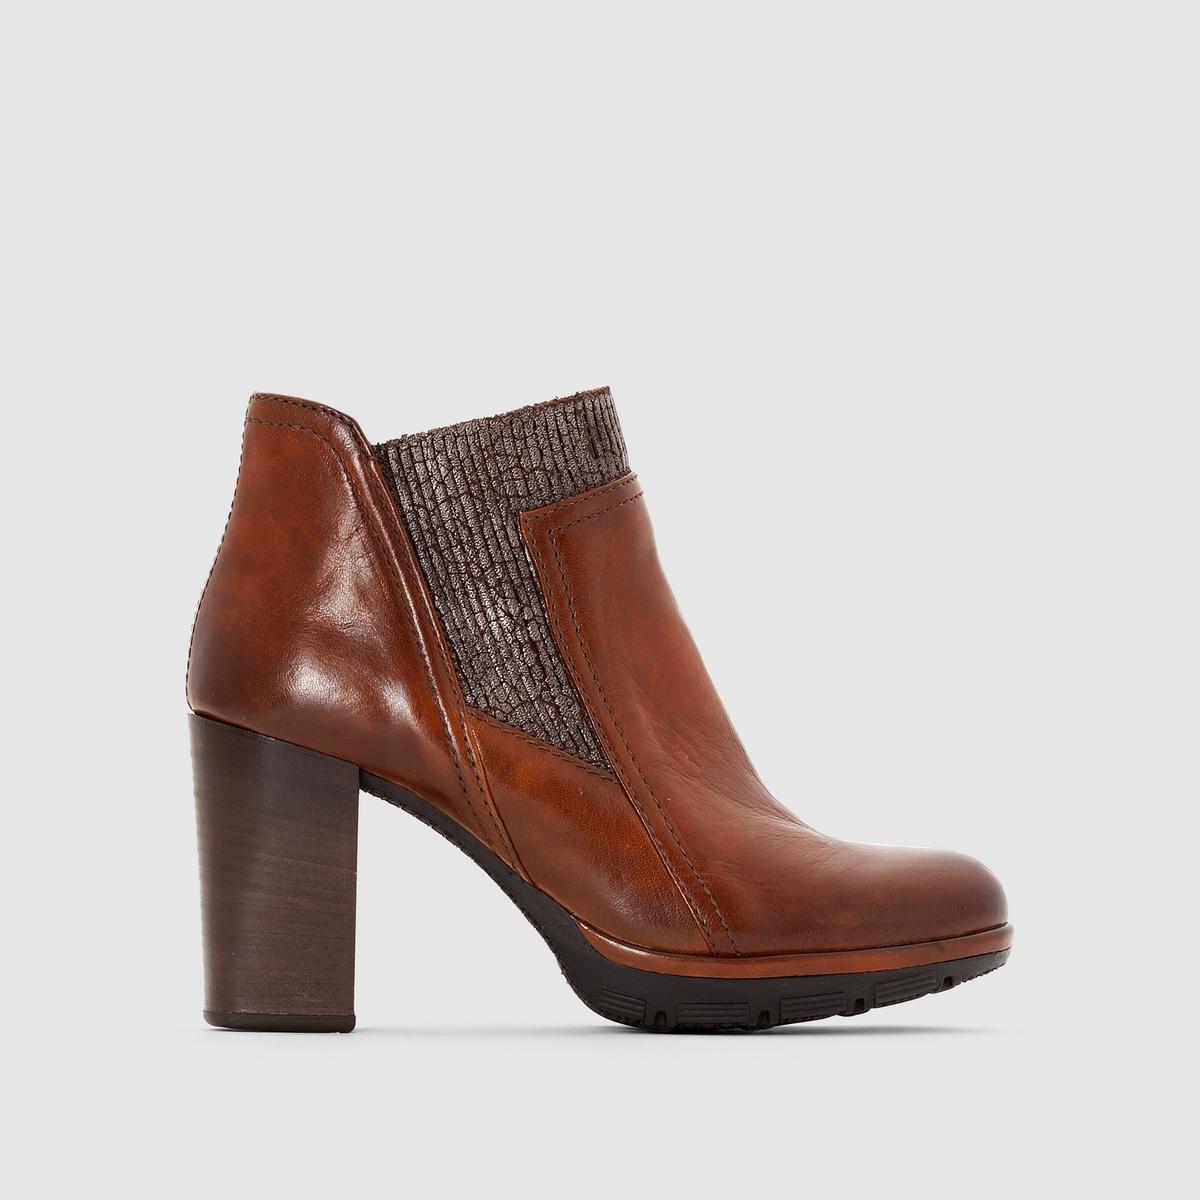 Сапоги из кожи MJUS PASПреимущества : сапоги MJUS в обновленном стиле челси на высоком каблуке, с реликтовым эффектом и кожей с патиной .<br><br>Цвет: коньячный<br>Размер: 40